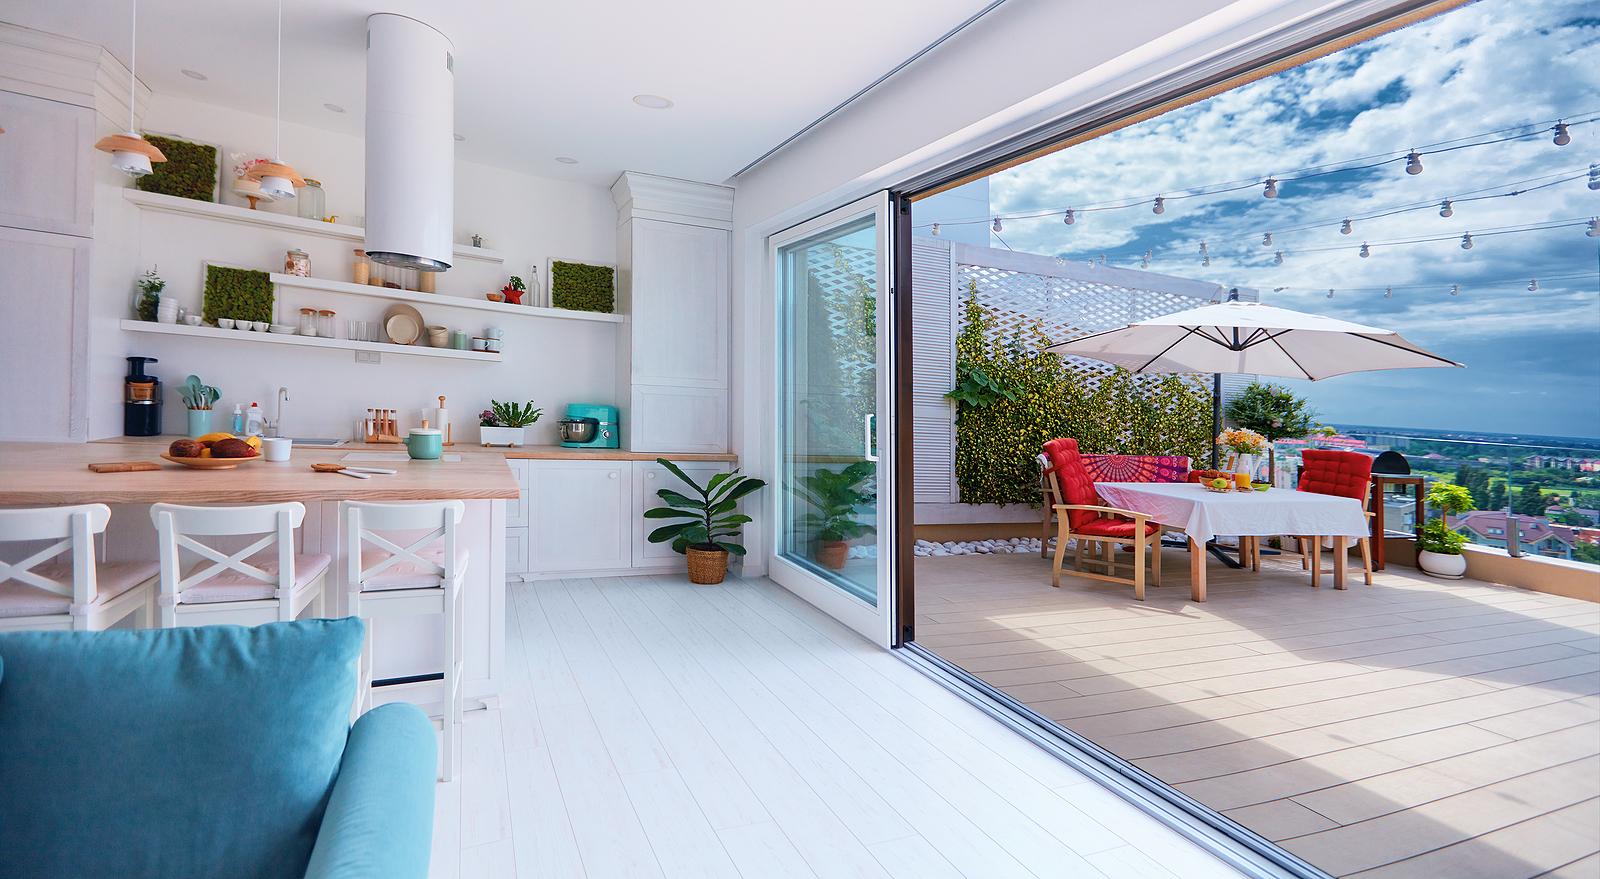 <em>Rooftop, livingroom,balcony</em>. Nomes estrangeiros também dominam batismo de espaços e tipos de plantas dos empreendimentos.